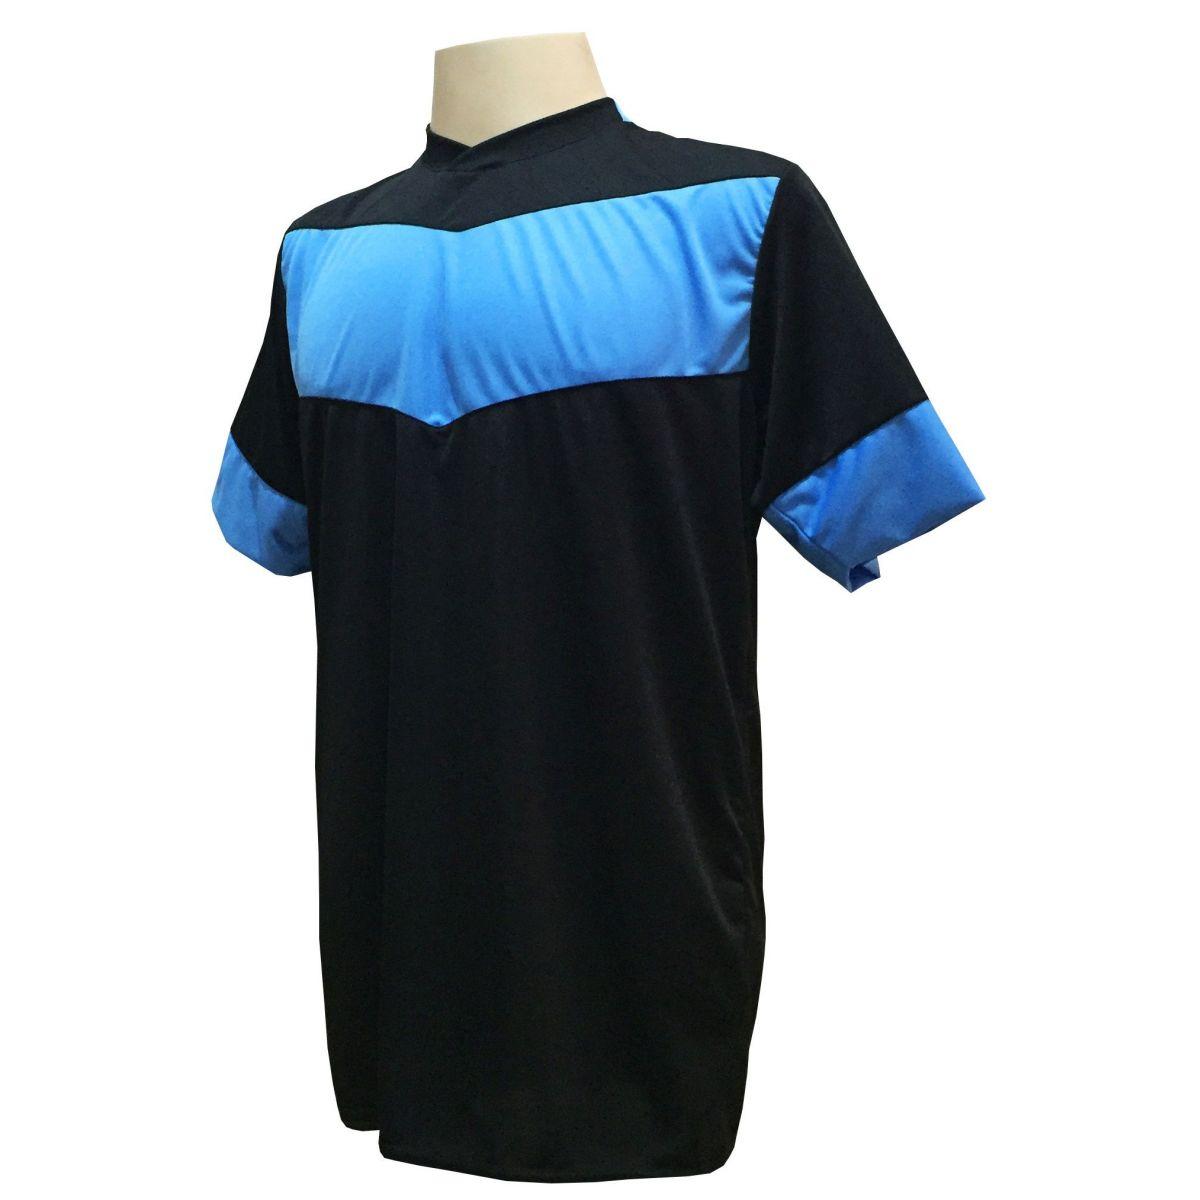 Jogo de Camisa com 18 unidades modelo Columbus Preto/Celeste + Brindes